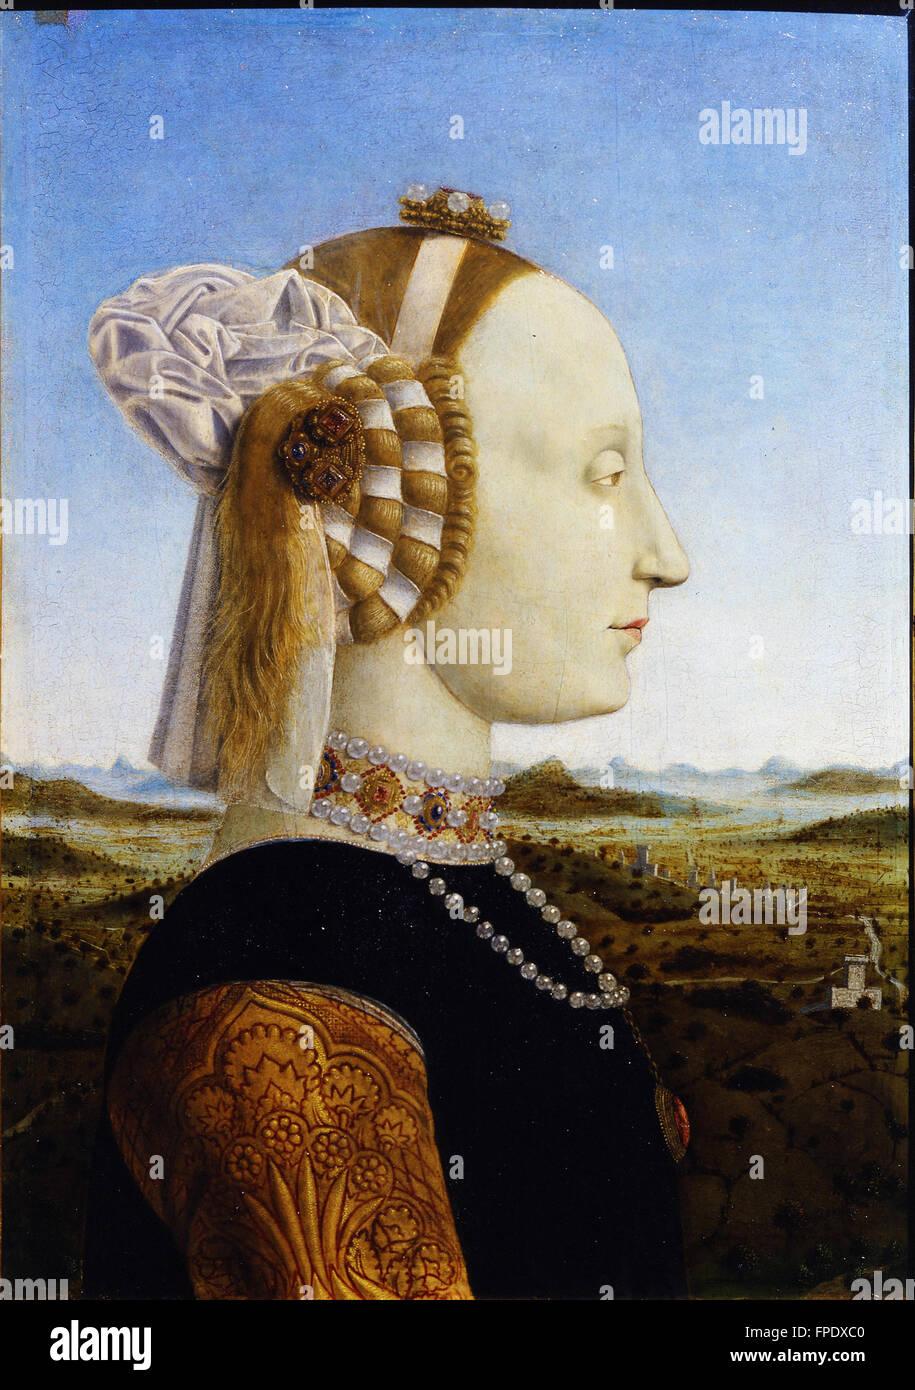 Piero Porträts des Herzogs und der Herzogin von Urbino, Federico da Montefeltro und -Battista Stockbild